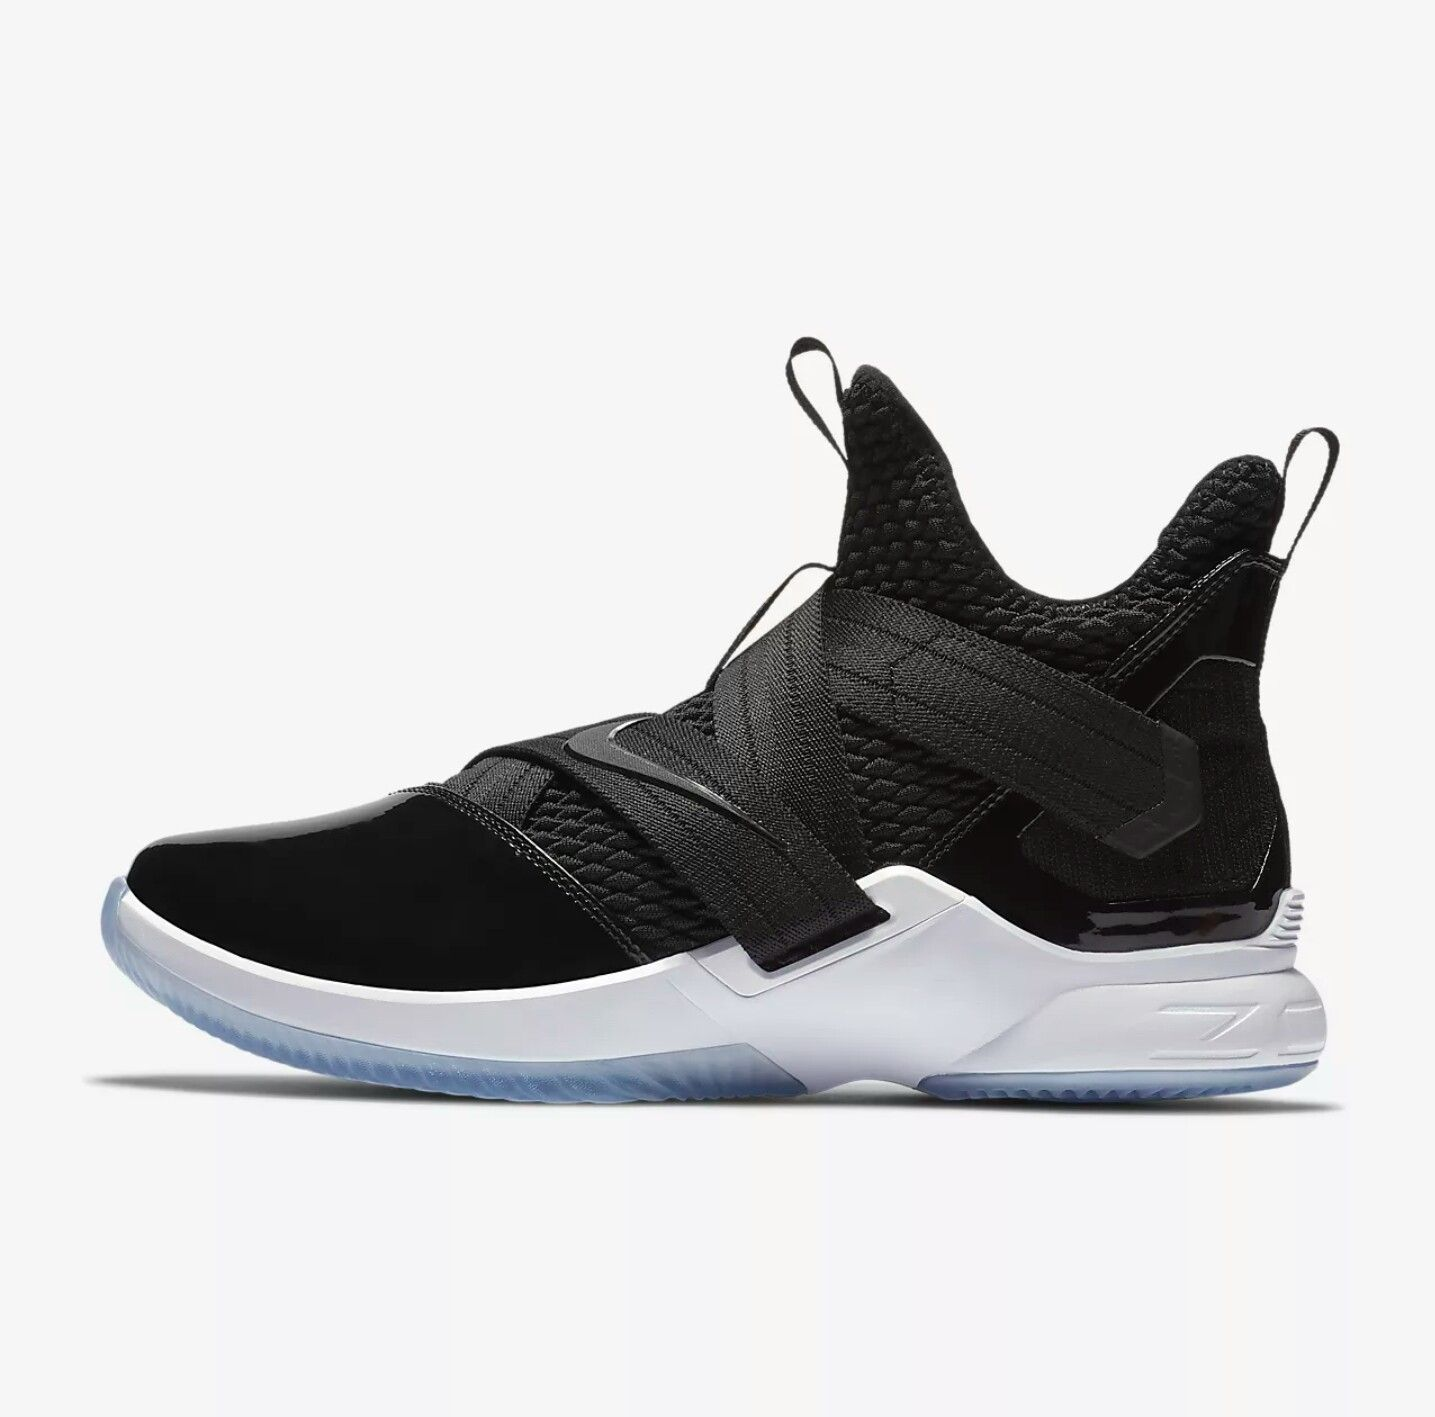 best sneakers ad3b4 6cd31 Lebron soldier 12 black Tuxedo. Lebron soldier 12 black Tuxedo Nike  Basketball Shoes ...